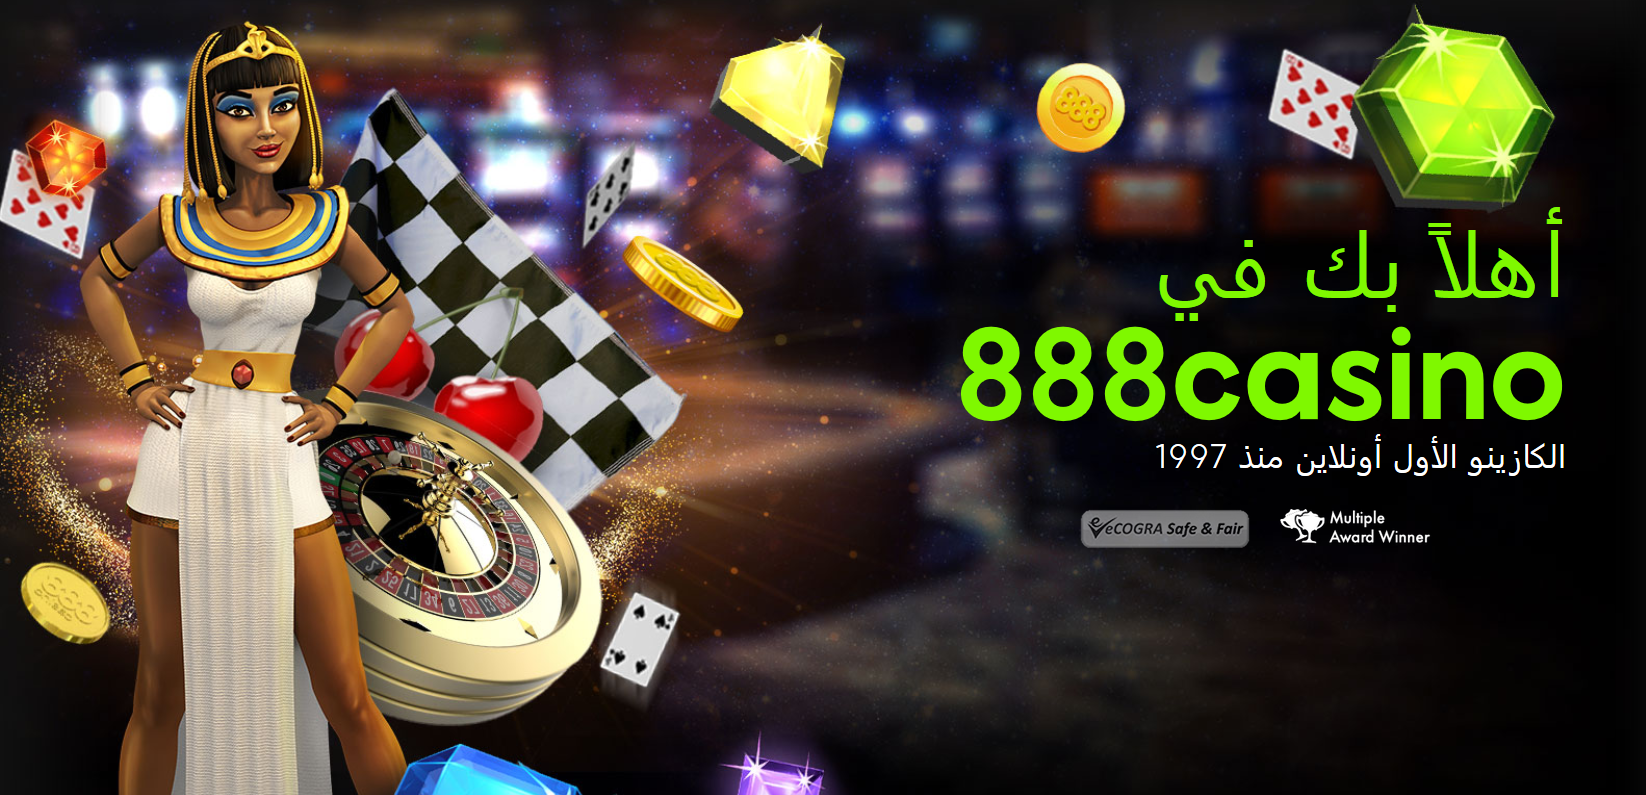 Www.888casino.Com